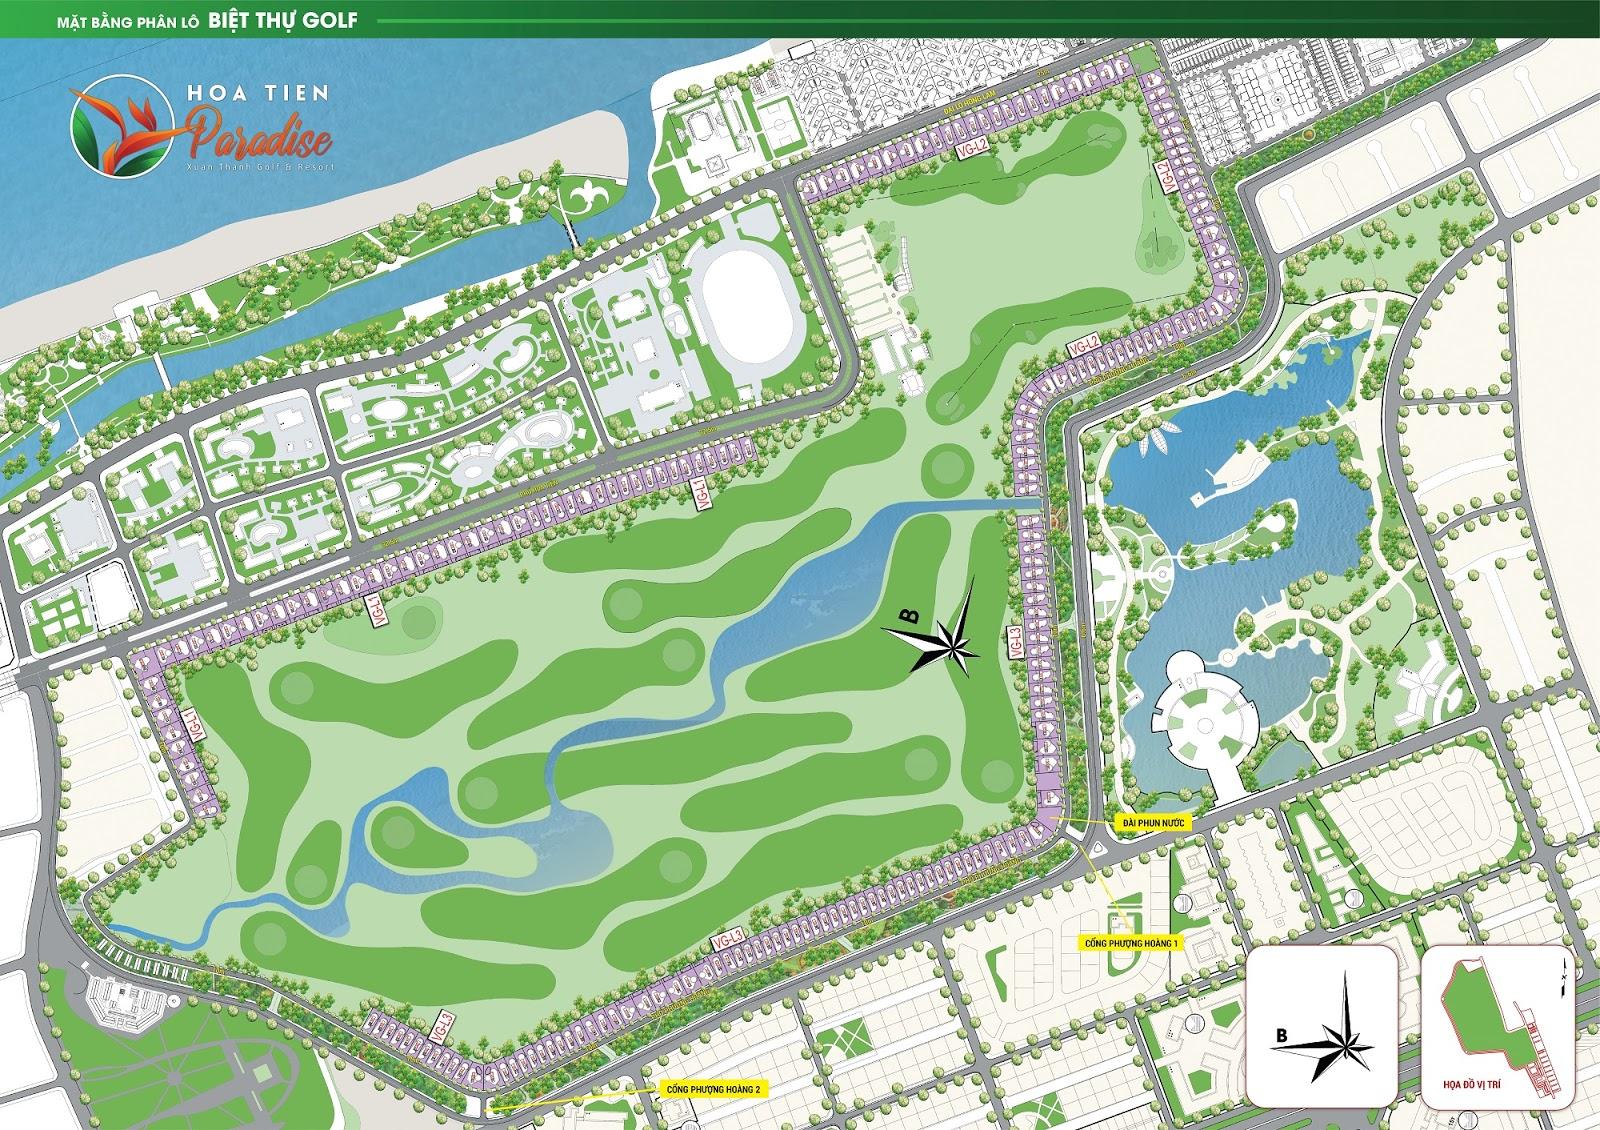 Mặt bằng phân lô biệt thự Golf